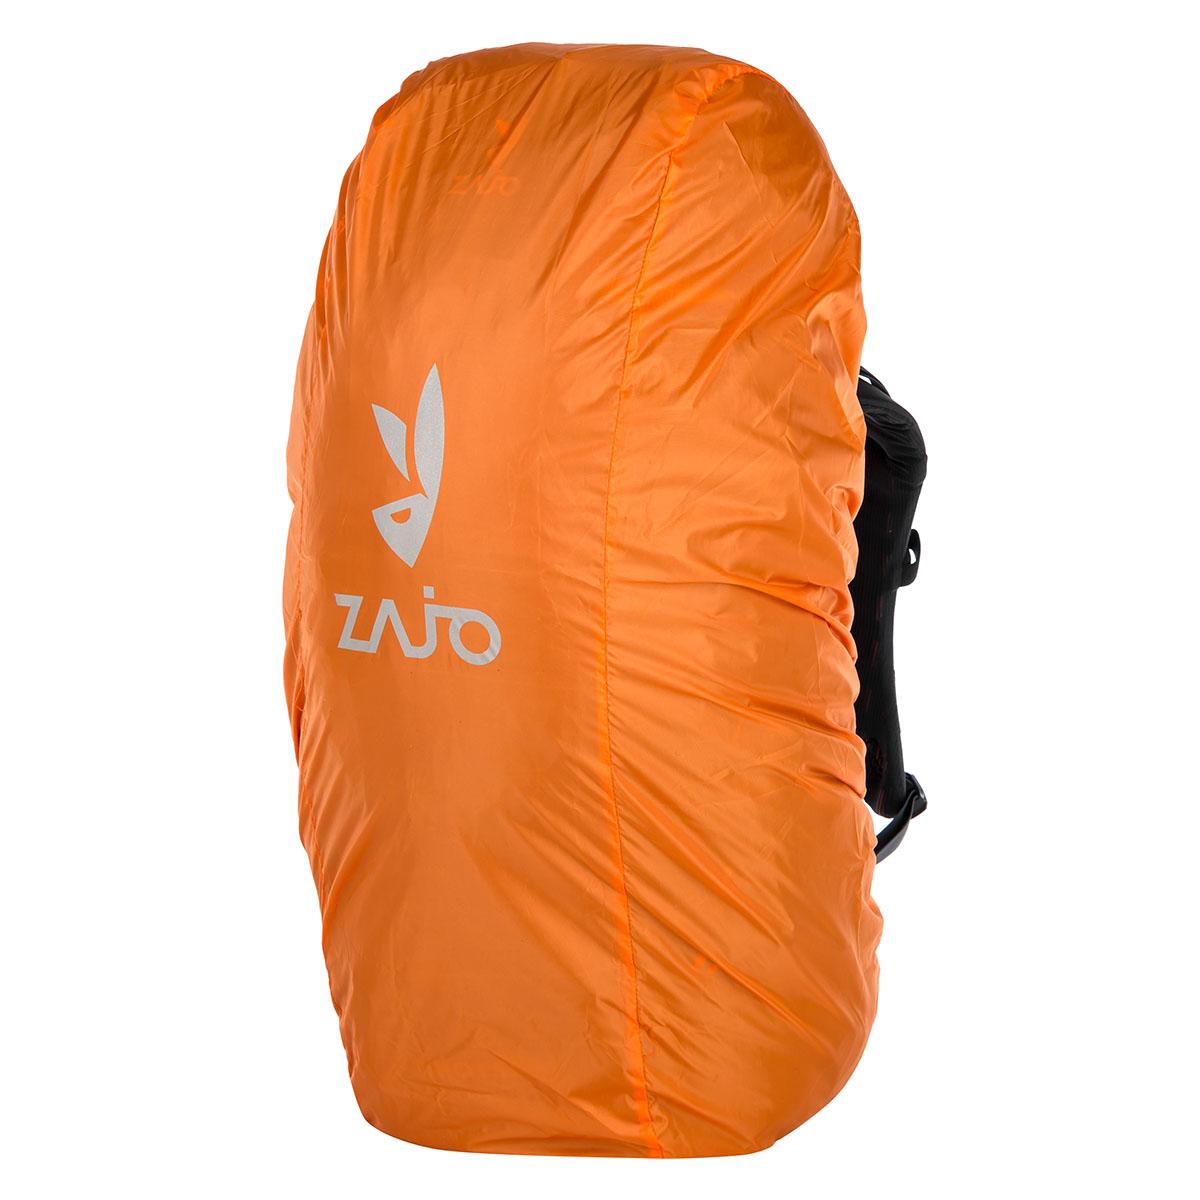 Lhotse 52 Backpack 2